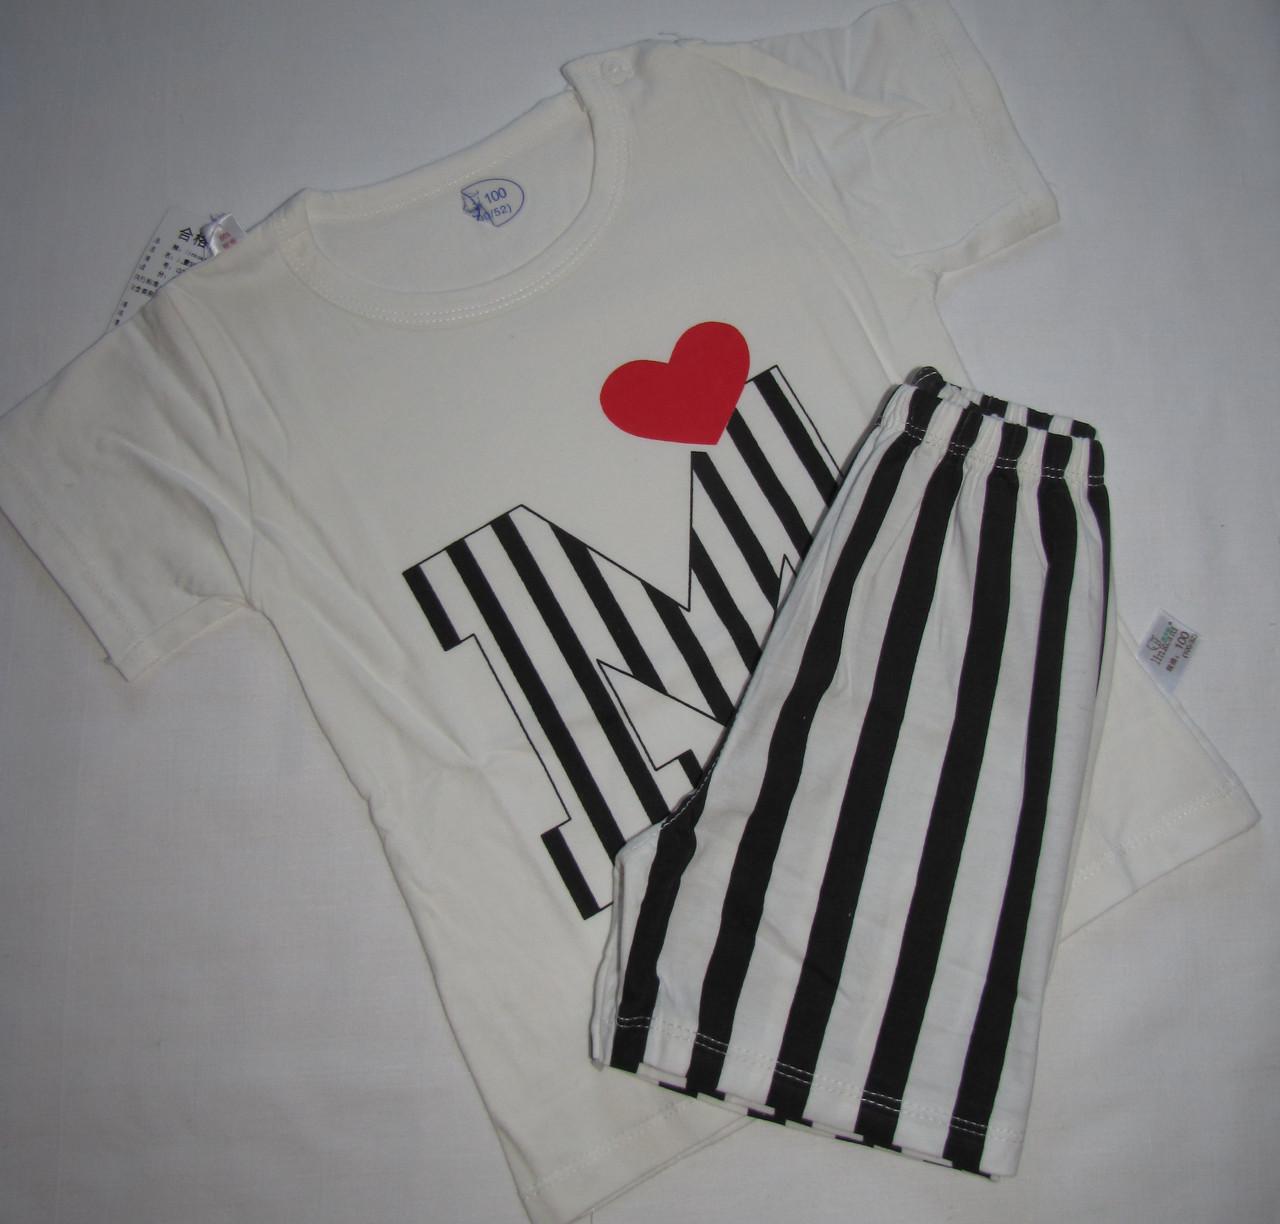 Пижама (футболка с короткими рукавами и шорты) Linkcard Буква М 100 см Белая с черным (06142)